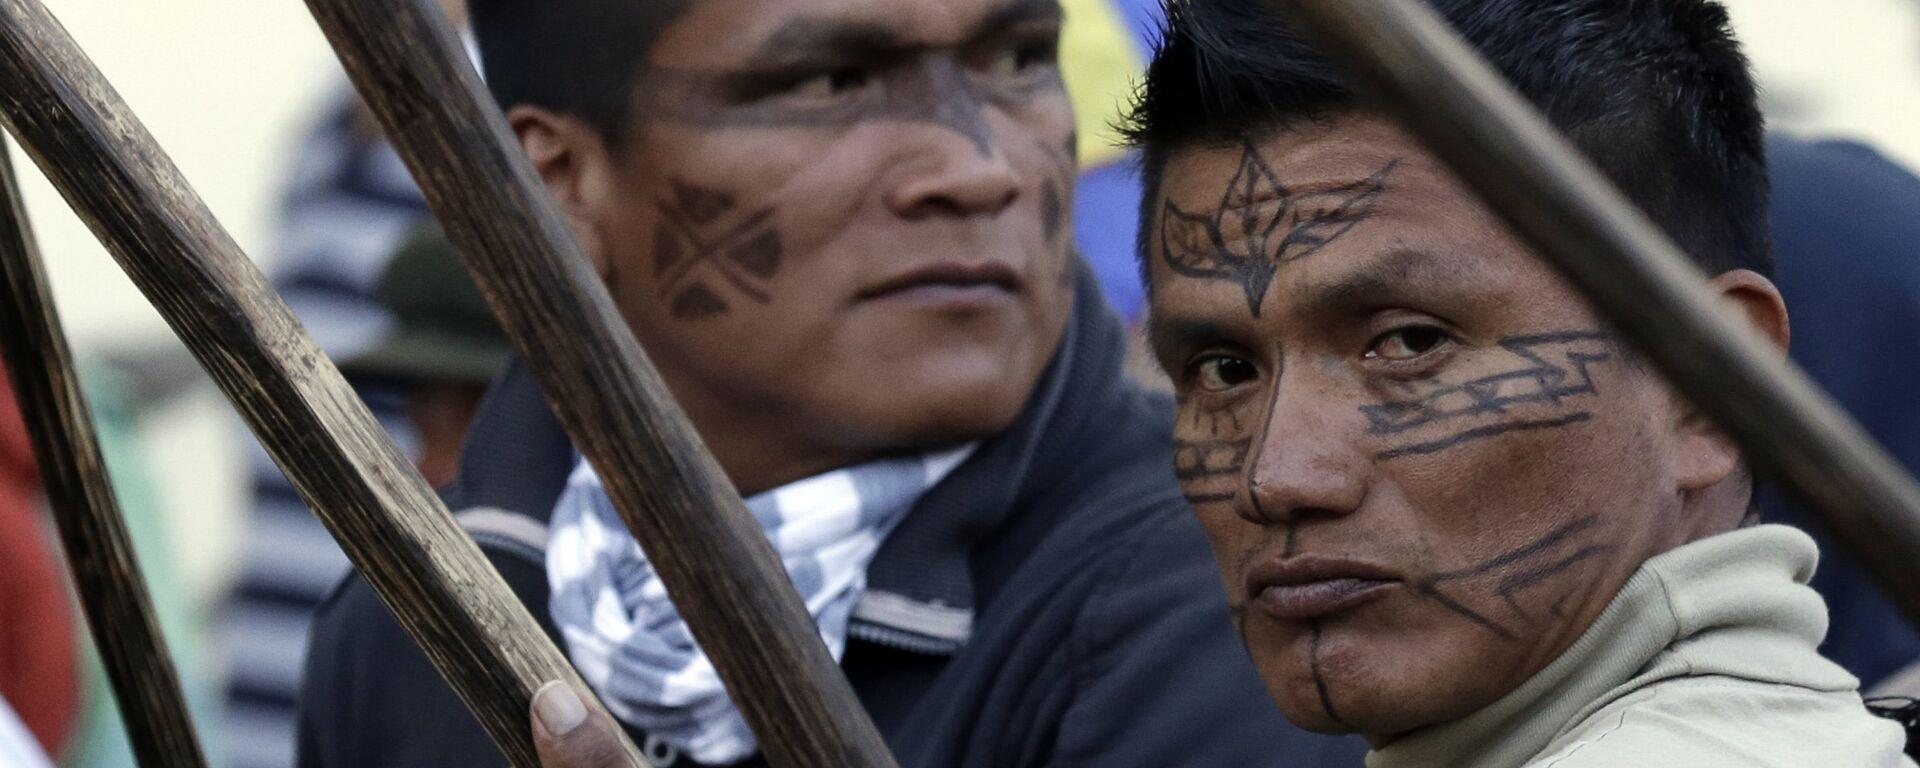 Indígenas de Ecuador (archivo) - Sputnik Mundo, 1920, 06.10.2020